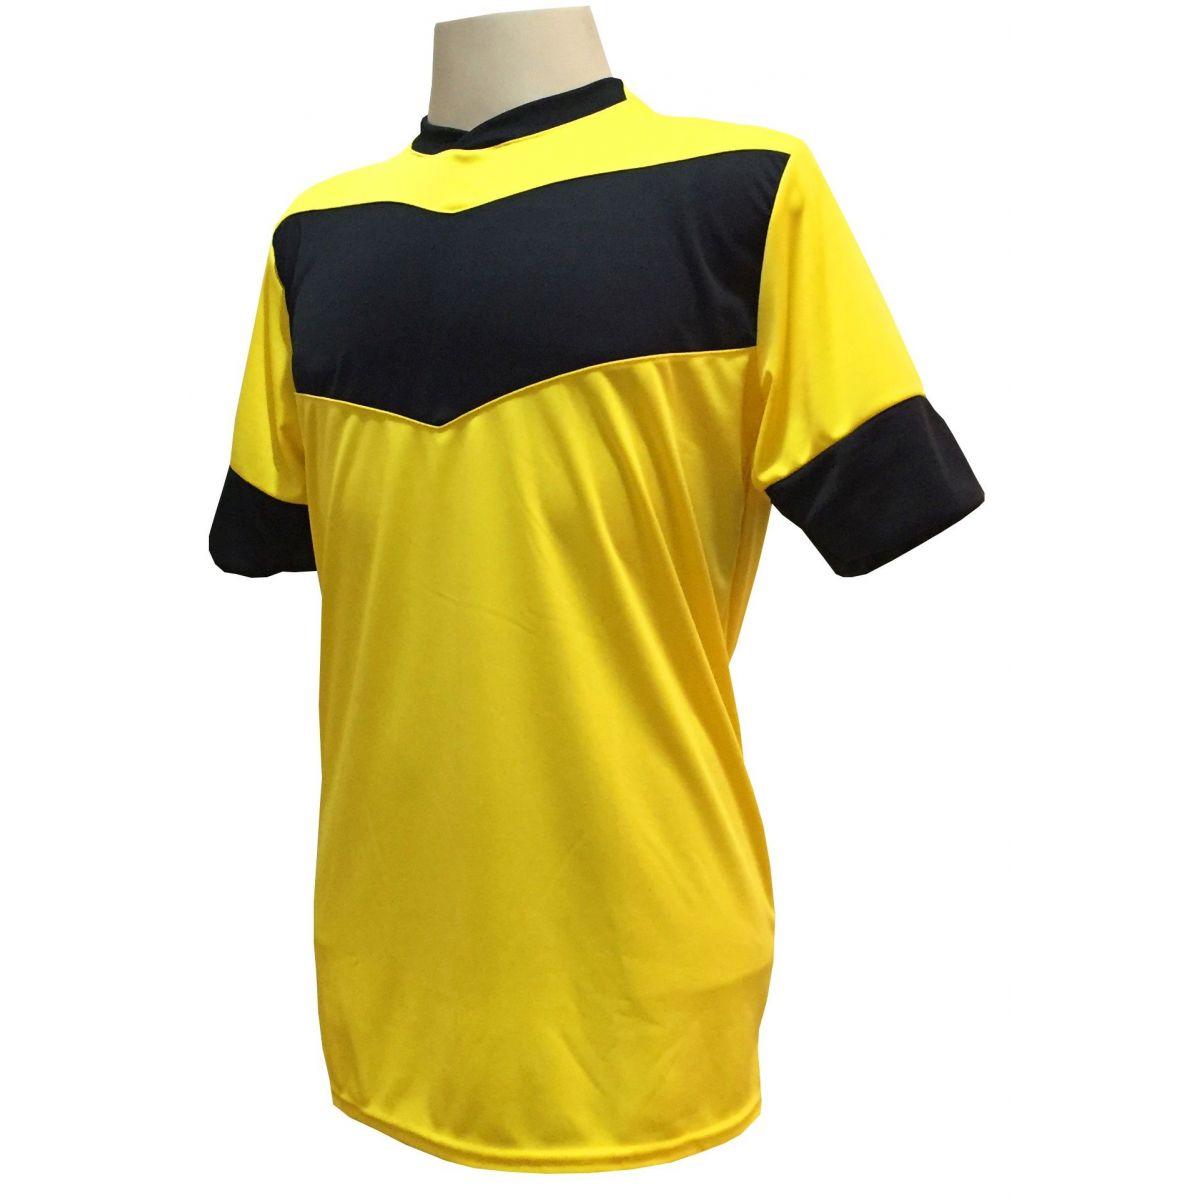 Fardamento Completo Modelo Columbus 18+1 (18 Camisas Amarelo/Preto + 18 Calções Madrid Amarelo + 18 Pares de Meiões Amarelo + 1 Conjunto de Goleiro) + Brindes